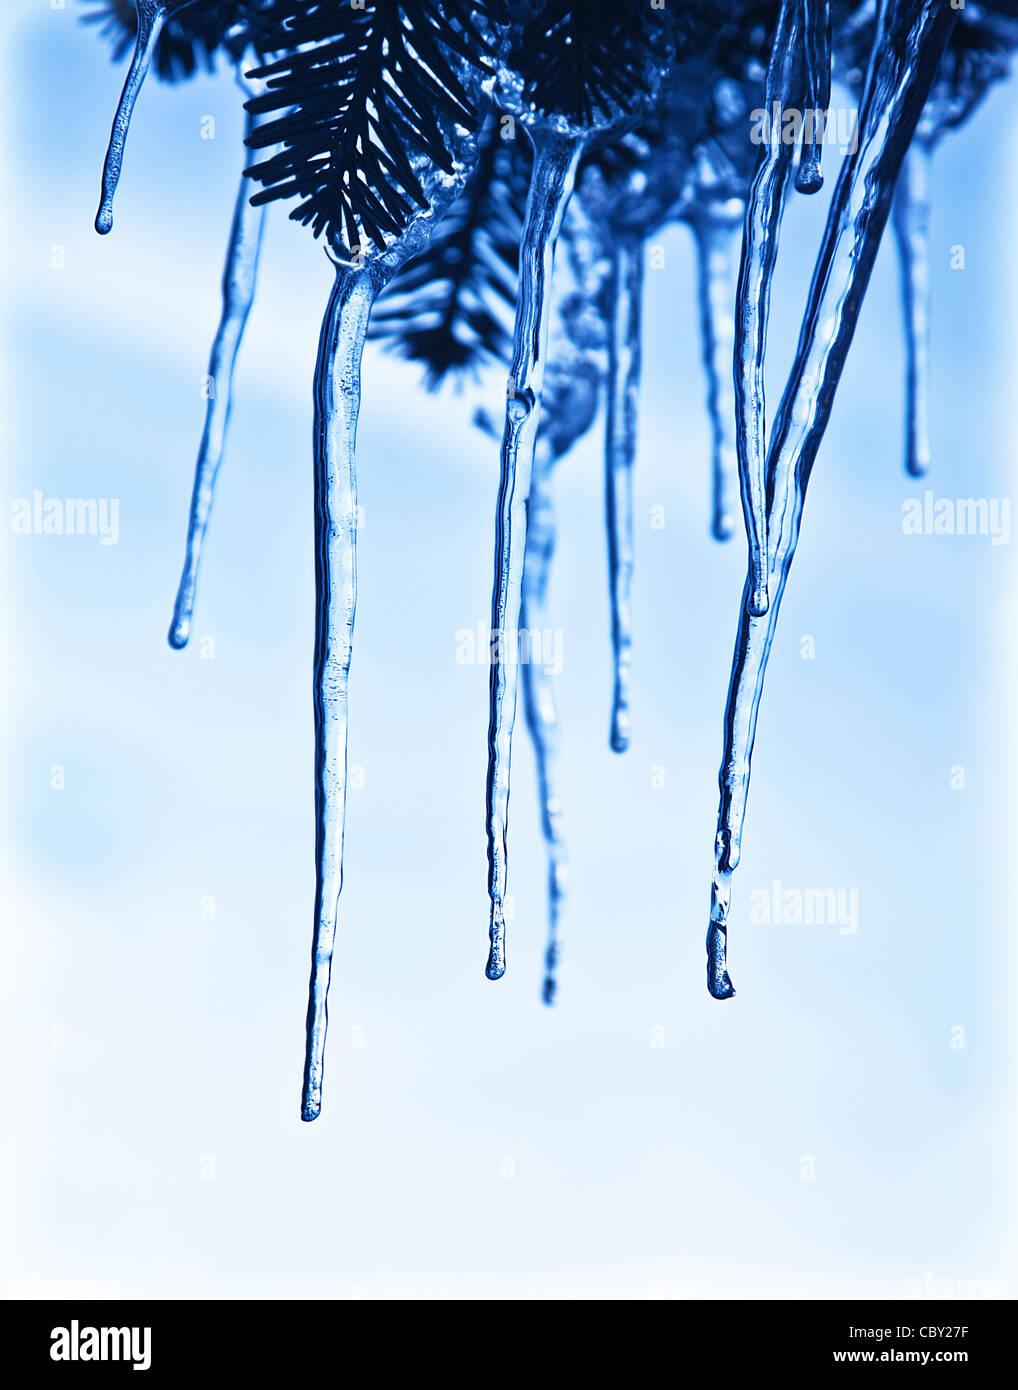 Les glaçons sur la branche d'arbre, bleu eau gelée, la glace en hiver, les conditions météorologiques Photo Stock